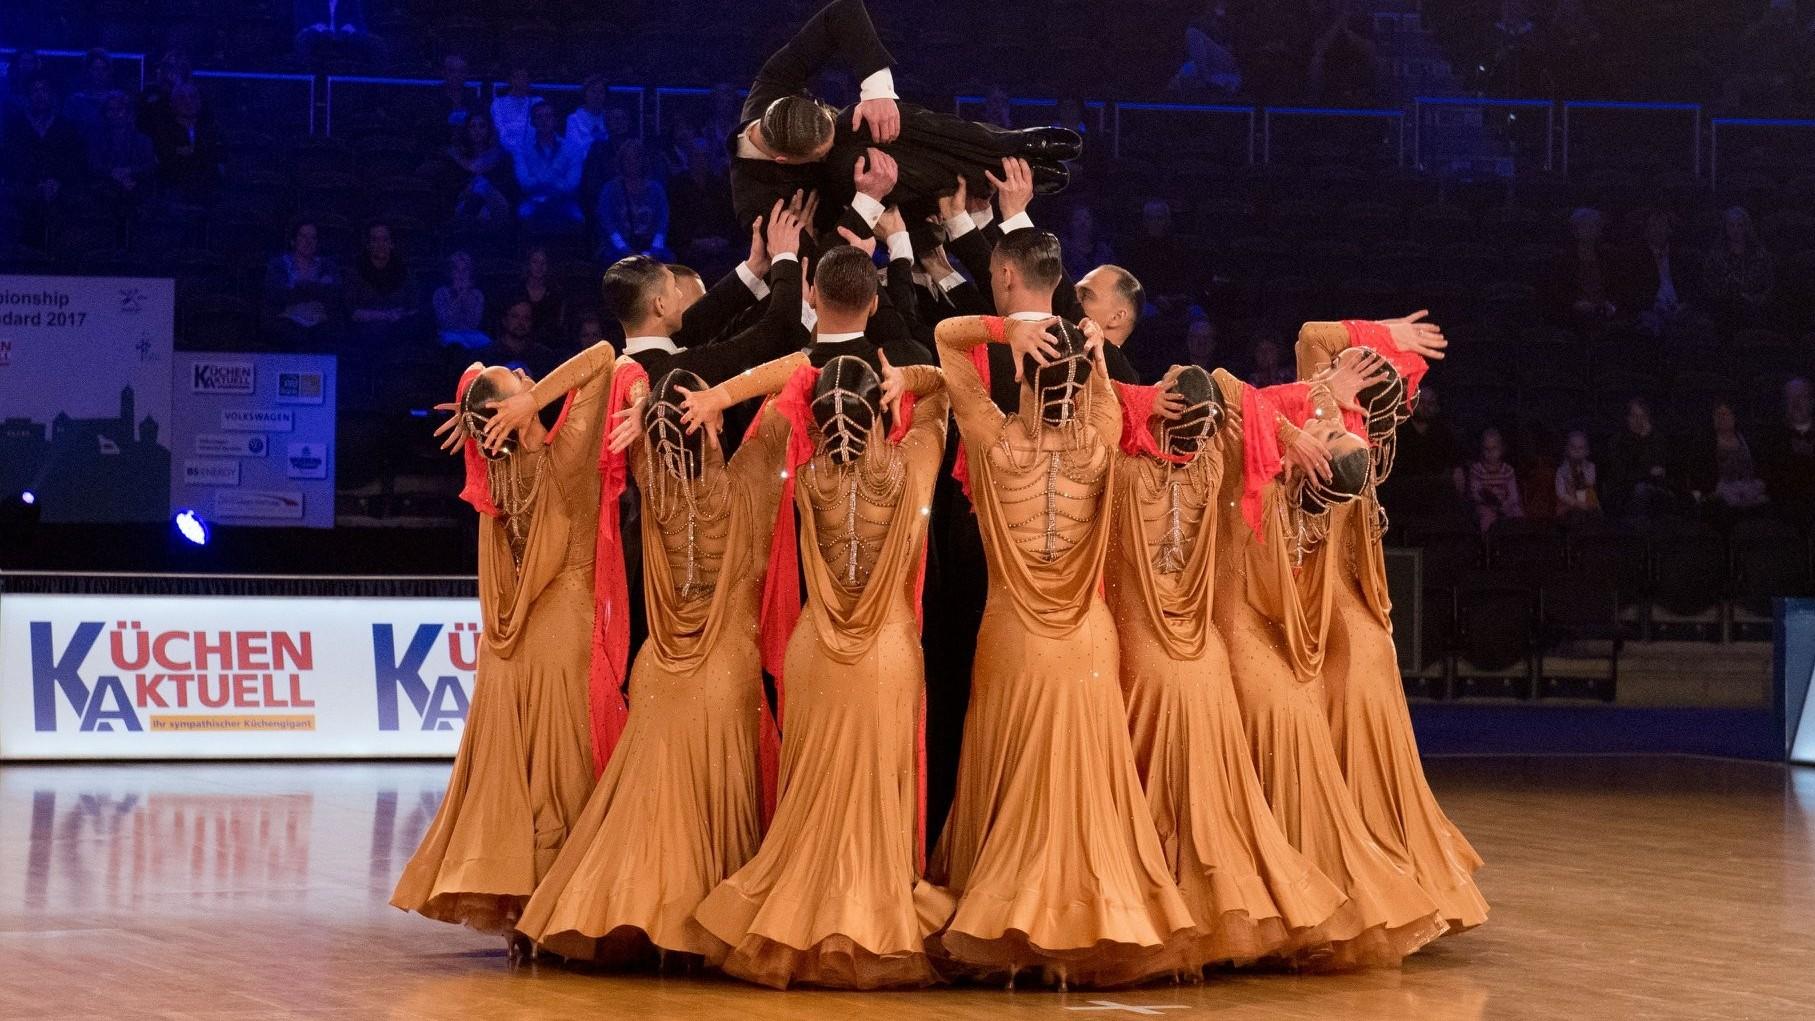 Standard Táncok Formációs Világbajnoksága Pécsen